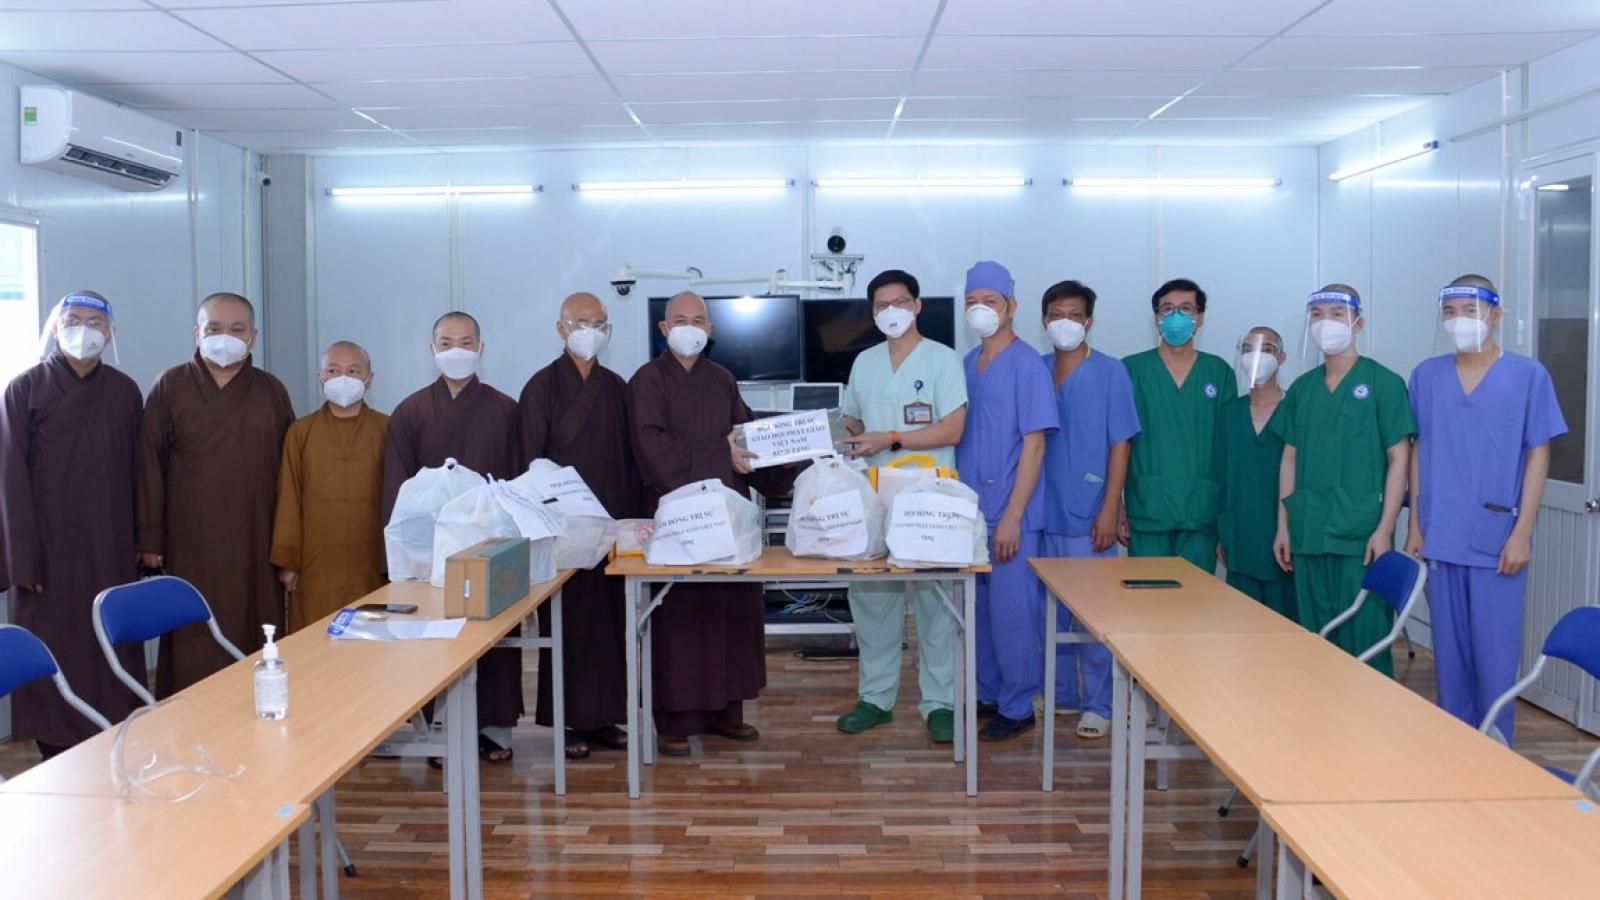 Đại diện Giáo hội Phật giáo Việt Nam thăm bệnh viện dã chiến tại TP.HCM